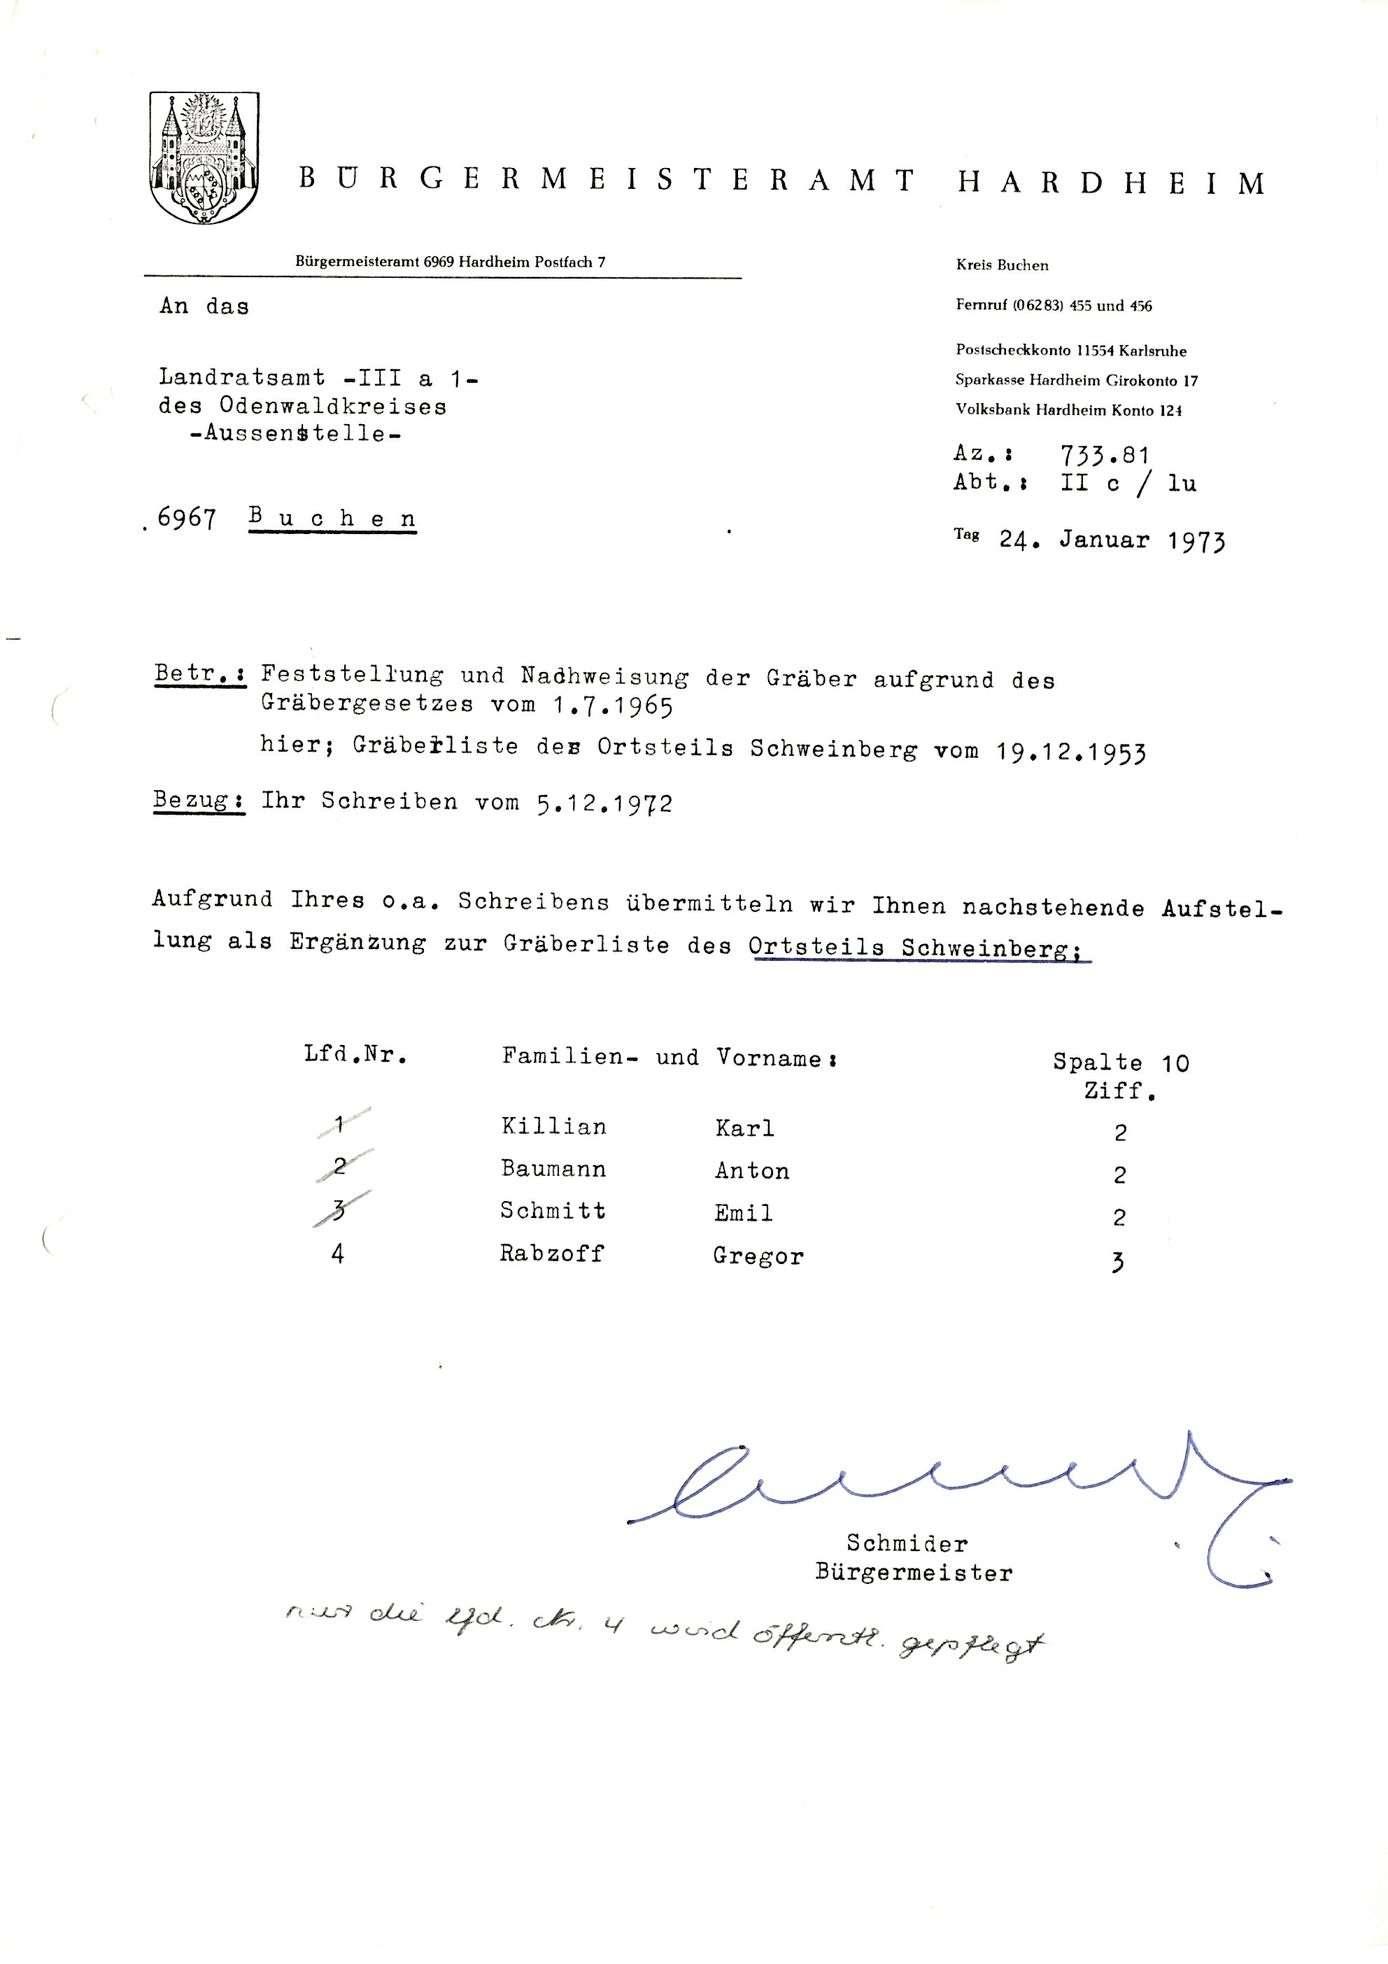 Schweinberg, Bild 2